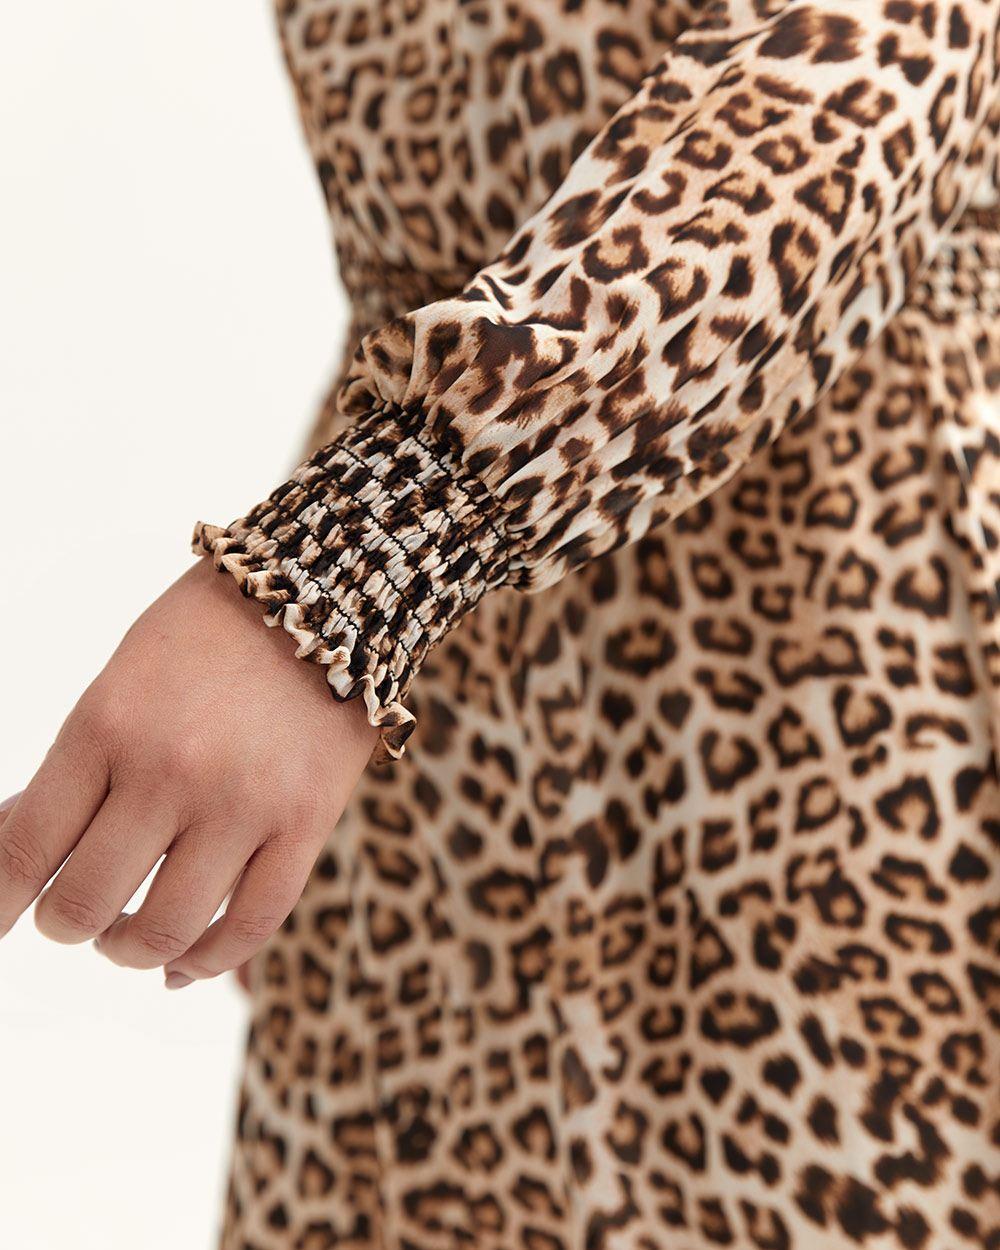 43c7395c63 ... Leopard-print Dress With Smocking Details - L l - Lyst. View fullscreen